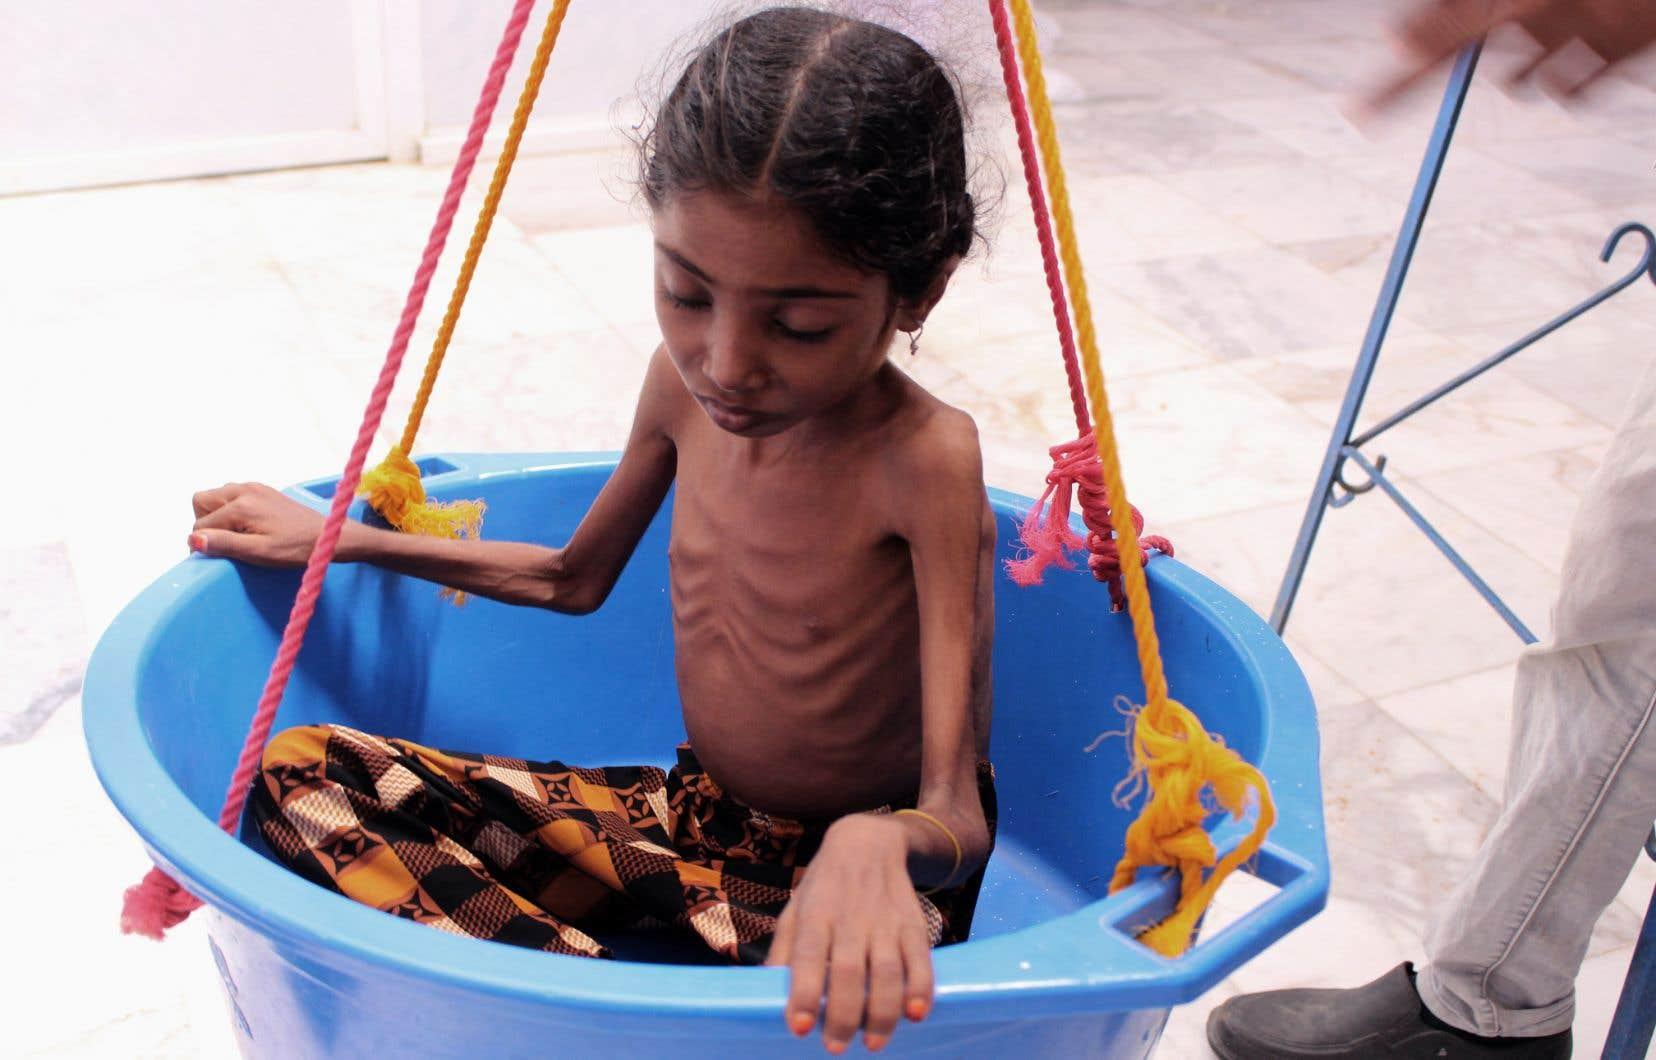 L'impact de la guerre au Yémen touche particulièrement les enfants, qui représentent «plus de la moitié» des 14millions de Yéménites souffrant d'insécurité alimentaire.